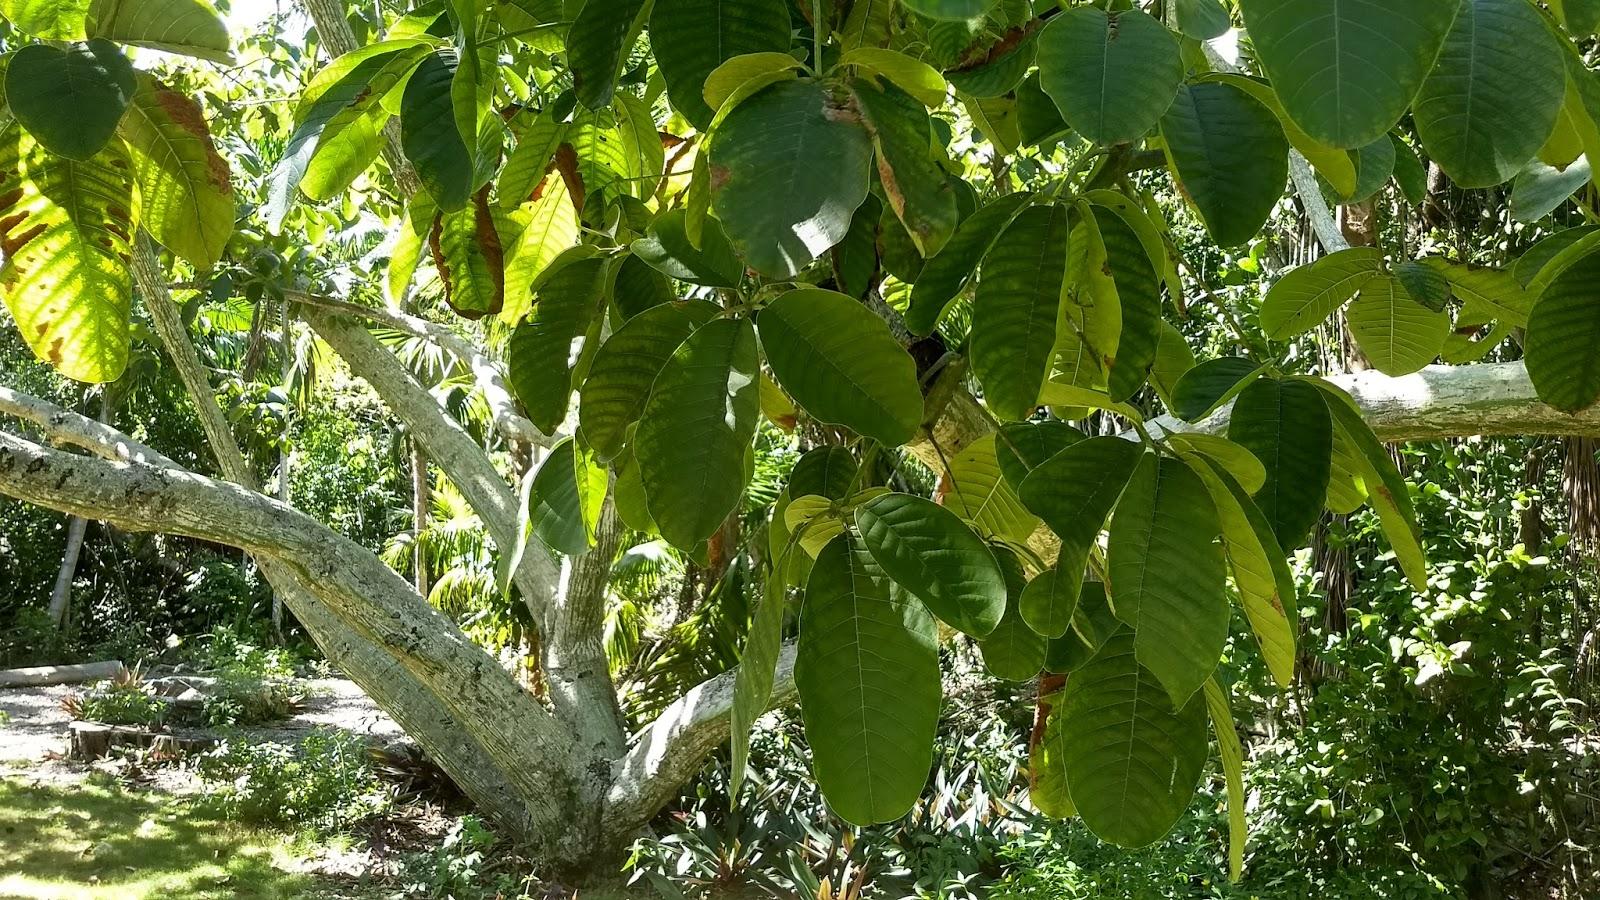 Trees Of The Bahamas